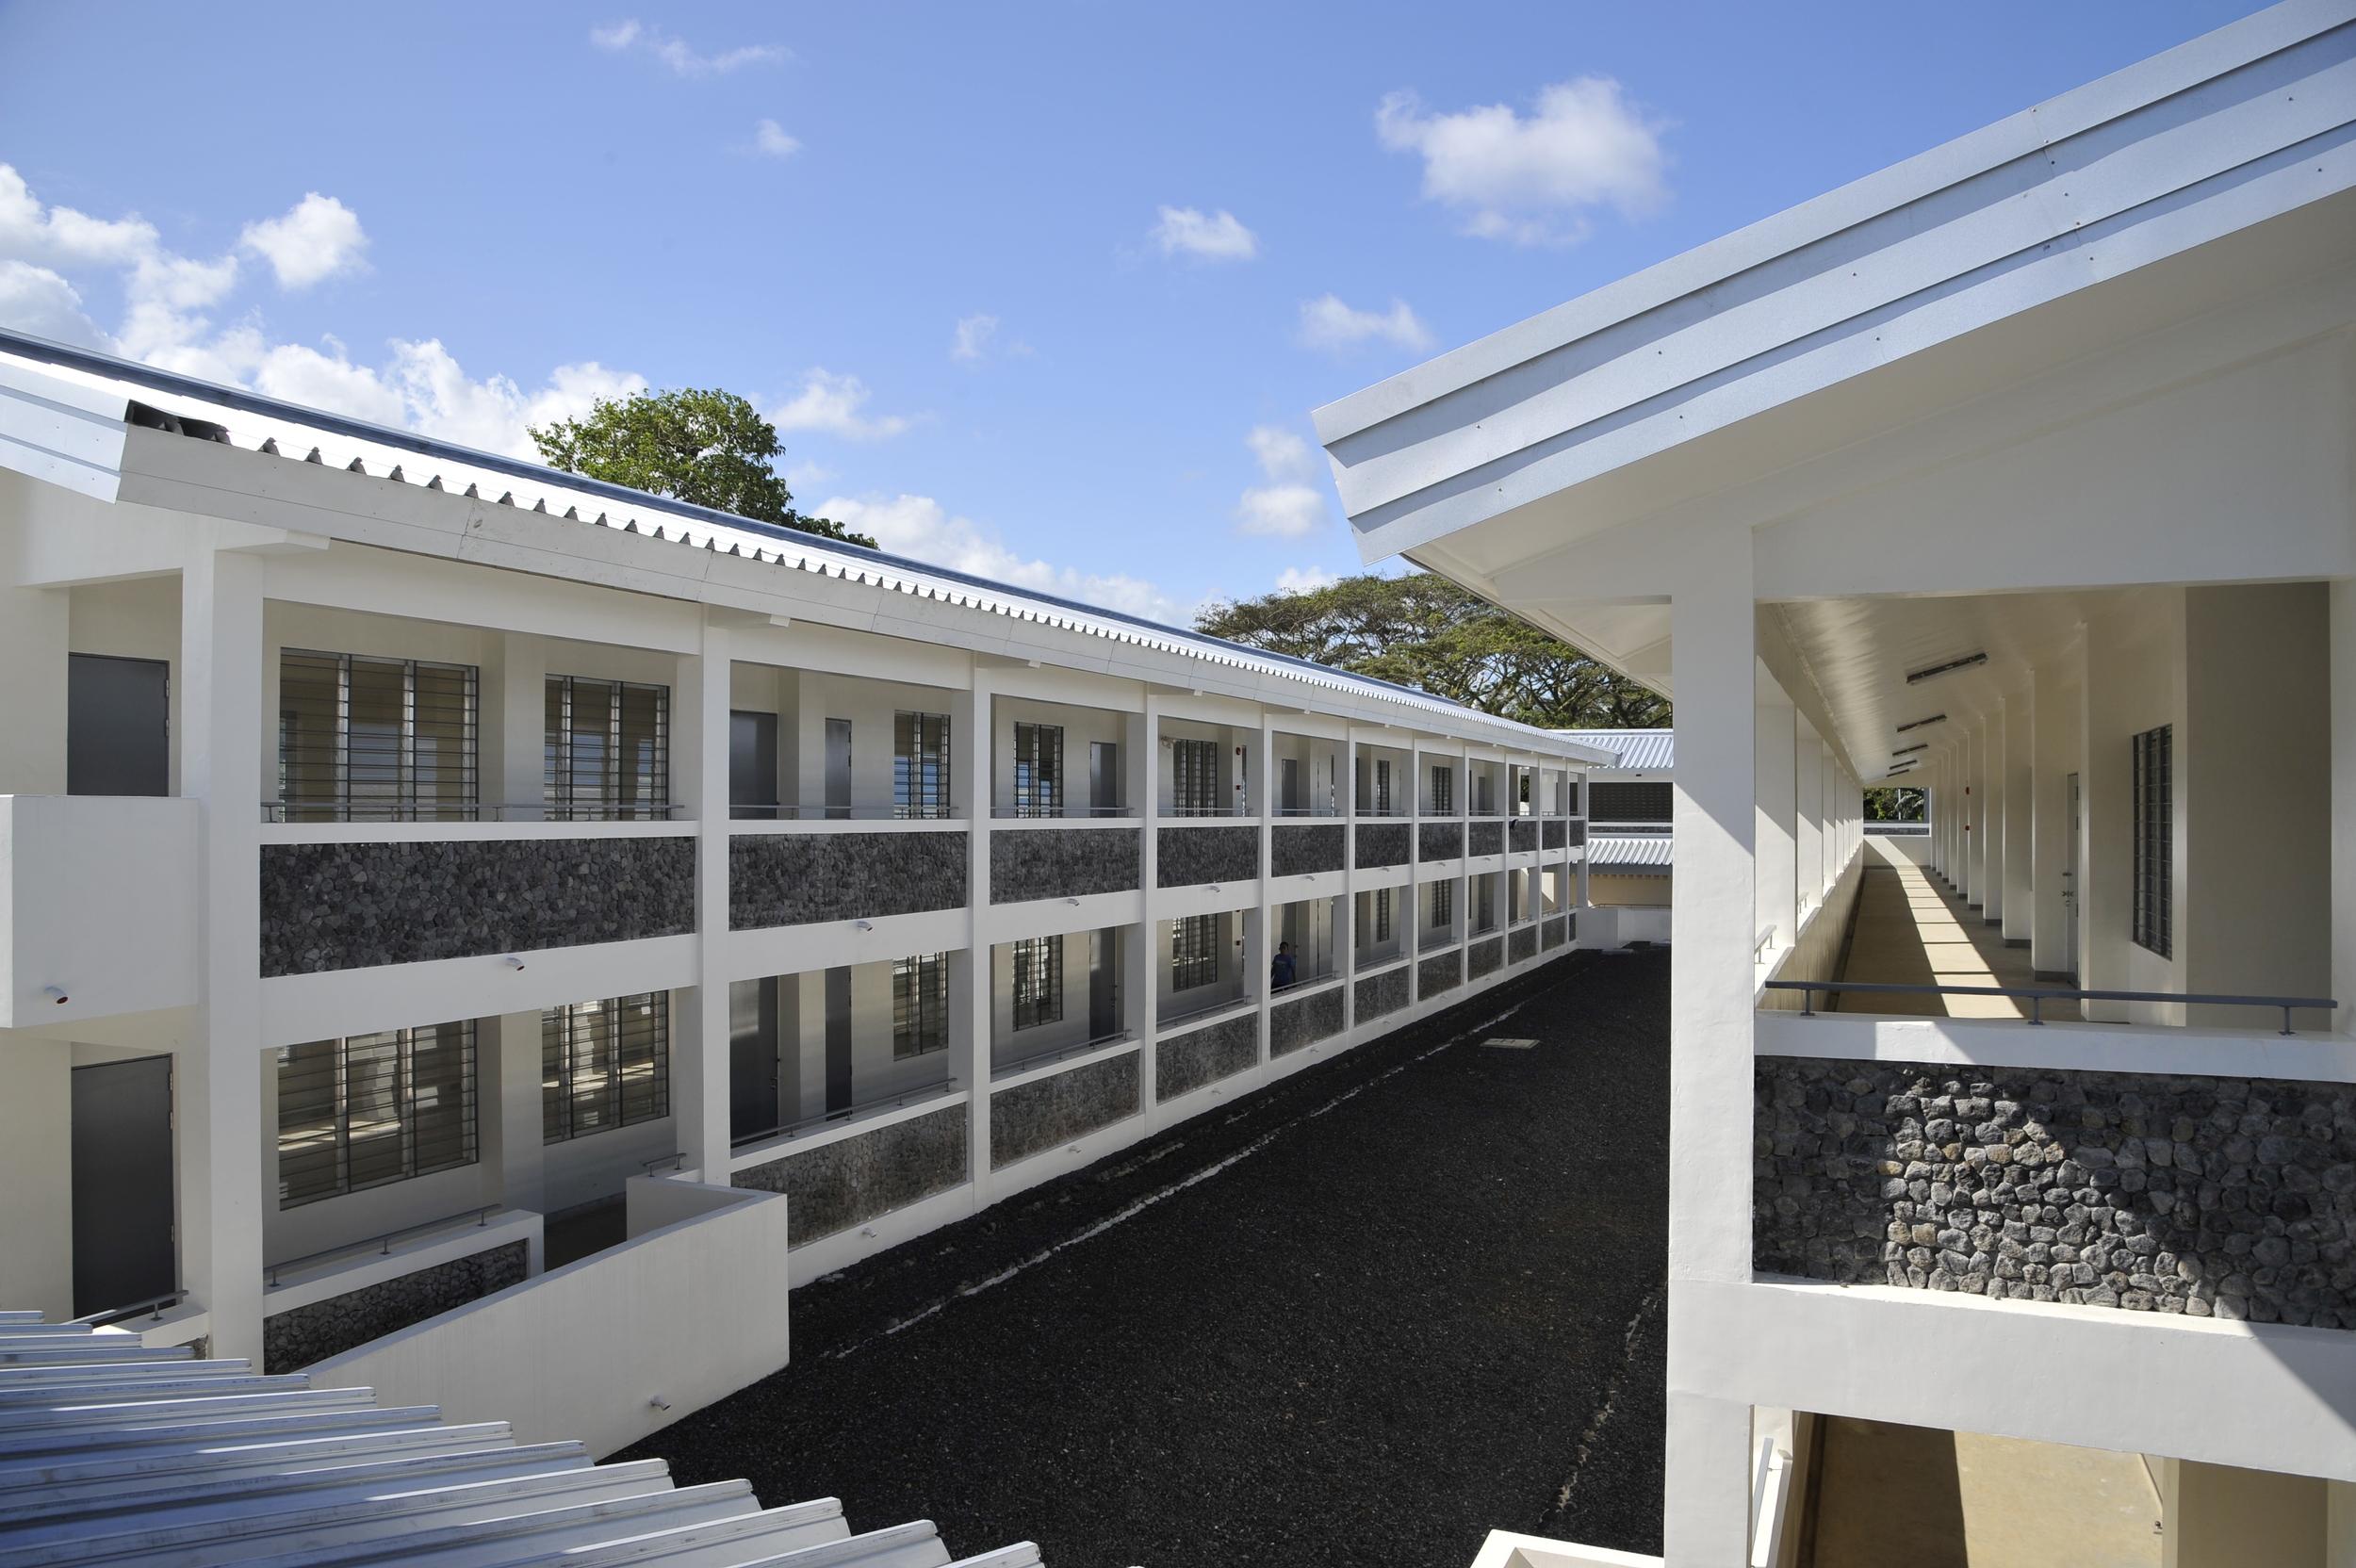 Mayon Evacuation School Building (Evacuation Center), Region V